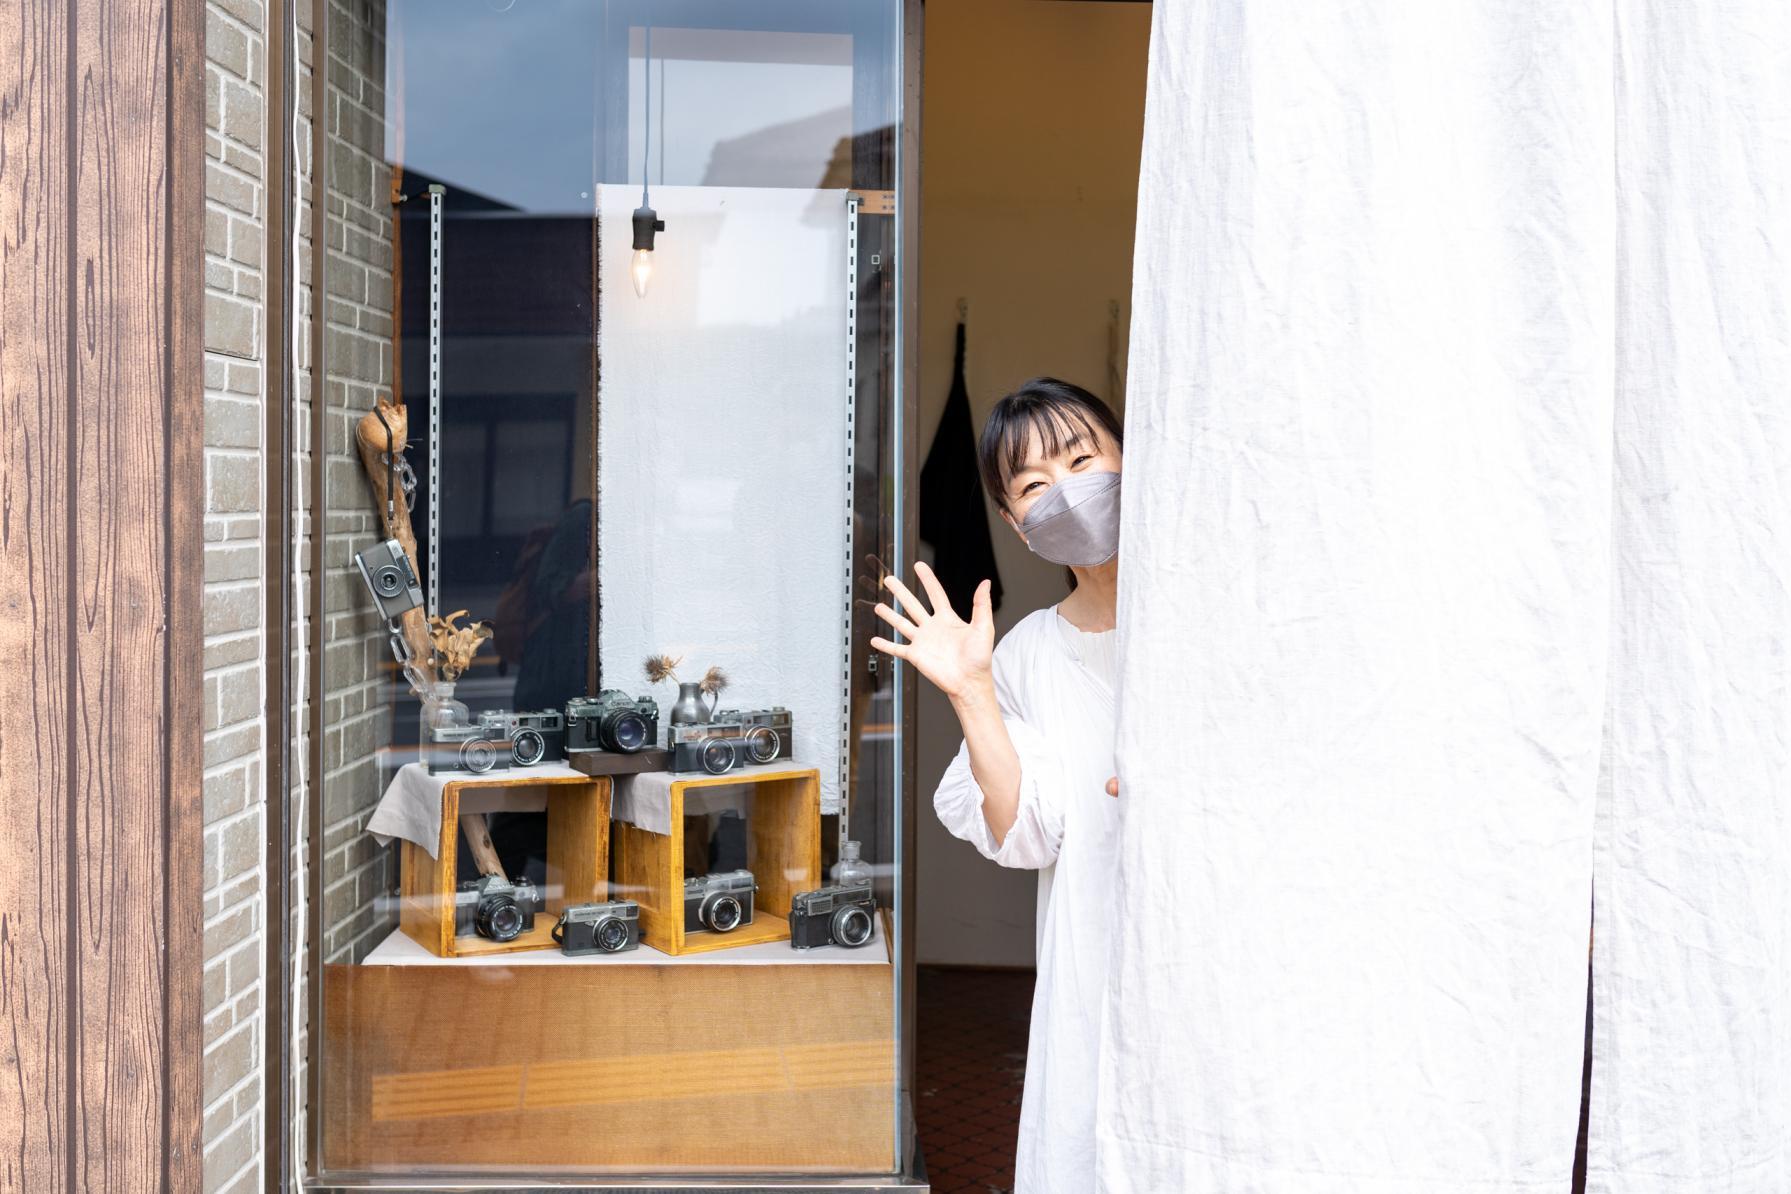 日本一のそのぎ茶も扱う喫茶室で感覚を研ぎ澄ませるワークショップ体験!-1